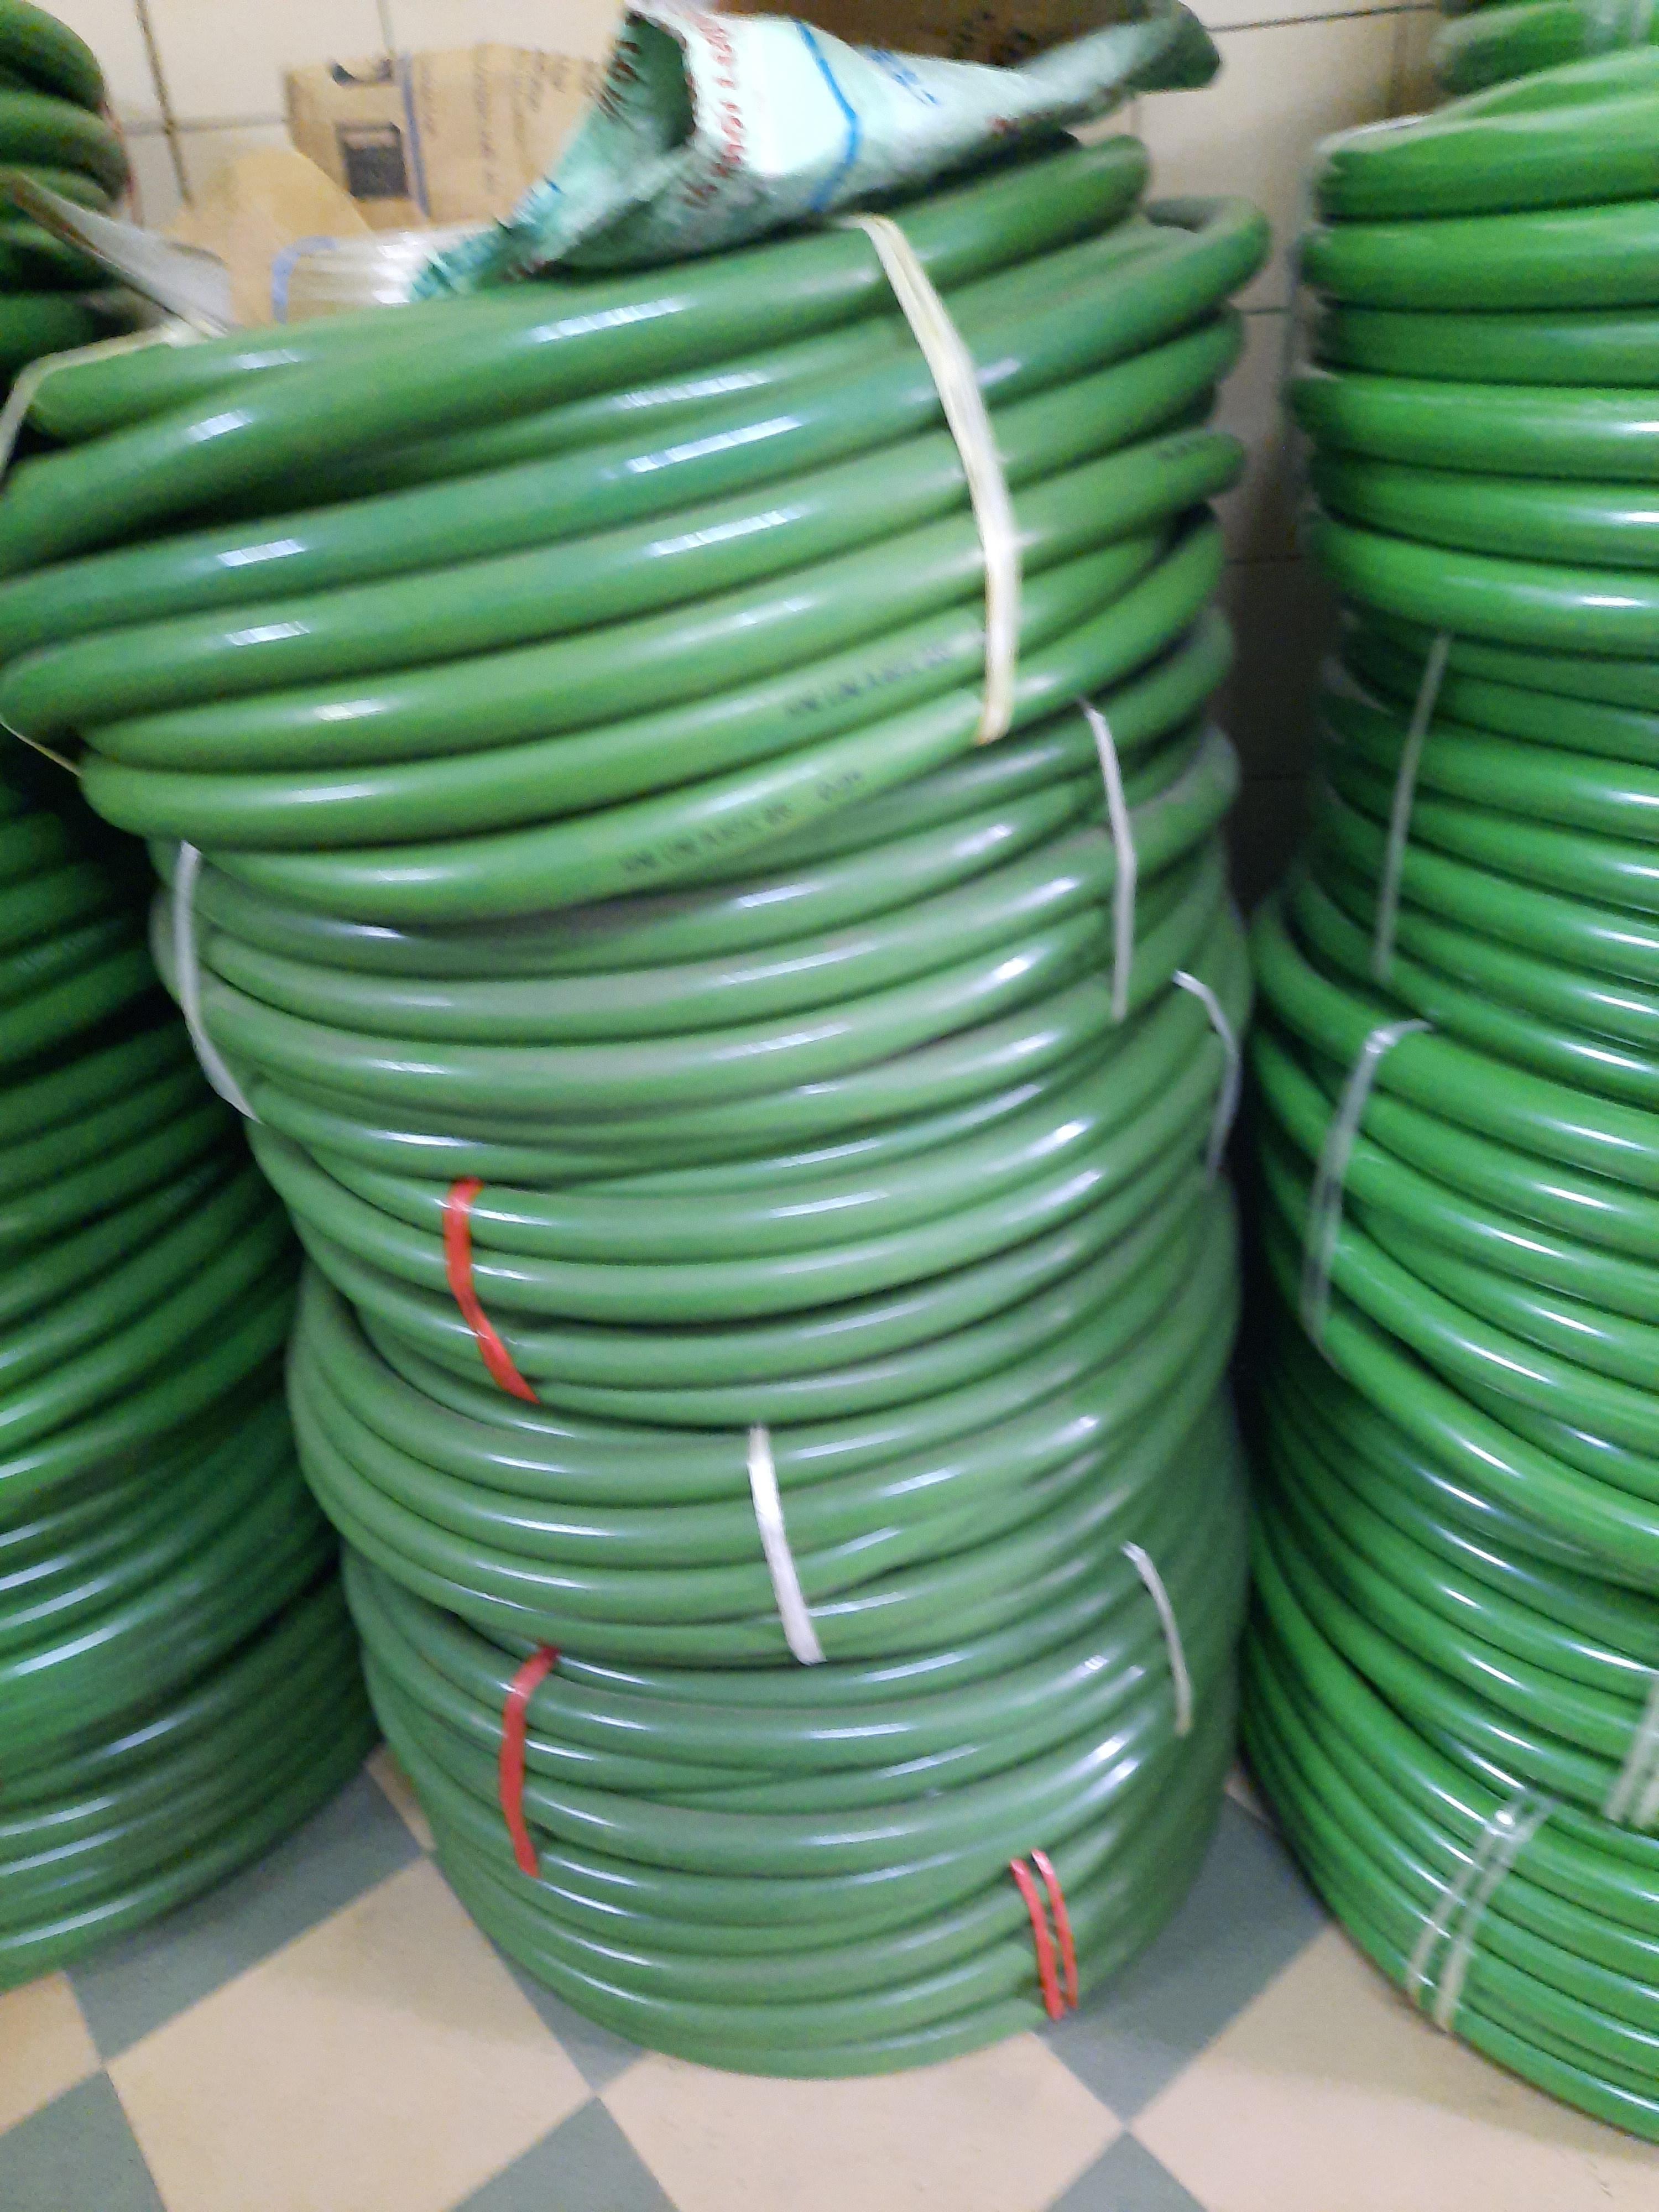 Tổng đại lý phân phối ống lưới dẻo tại Hà Nội và các tỉnh phía Bắc